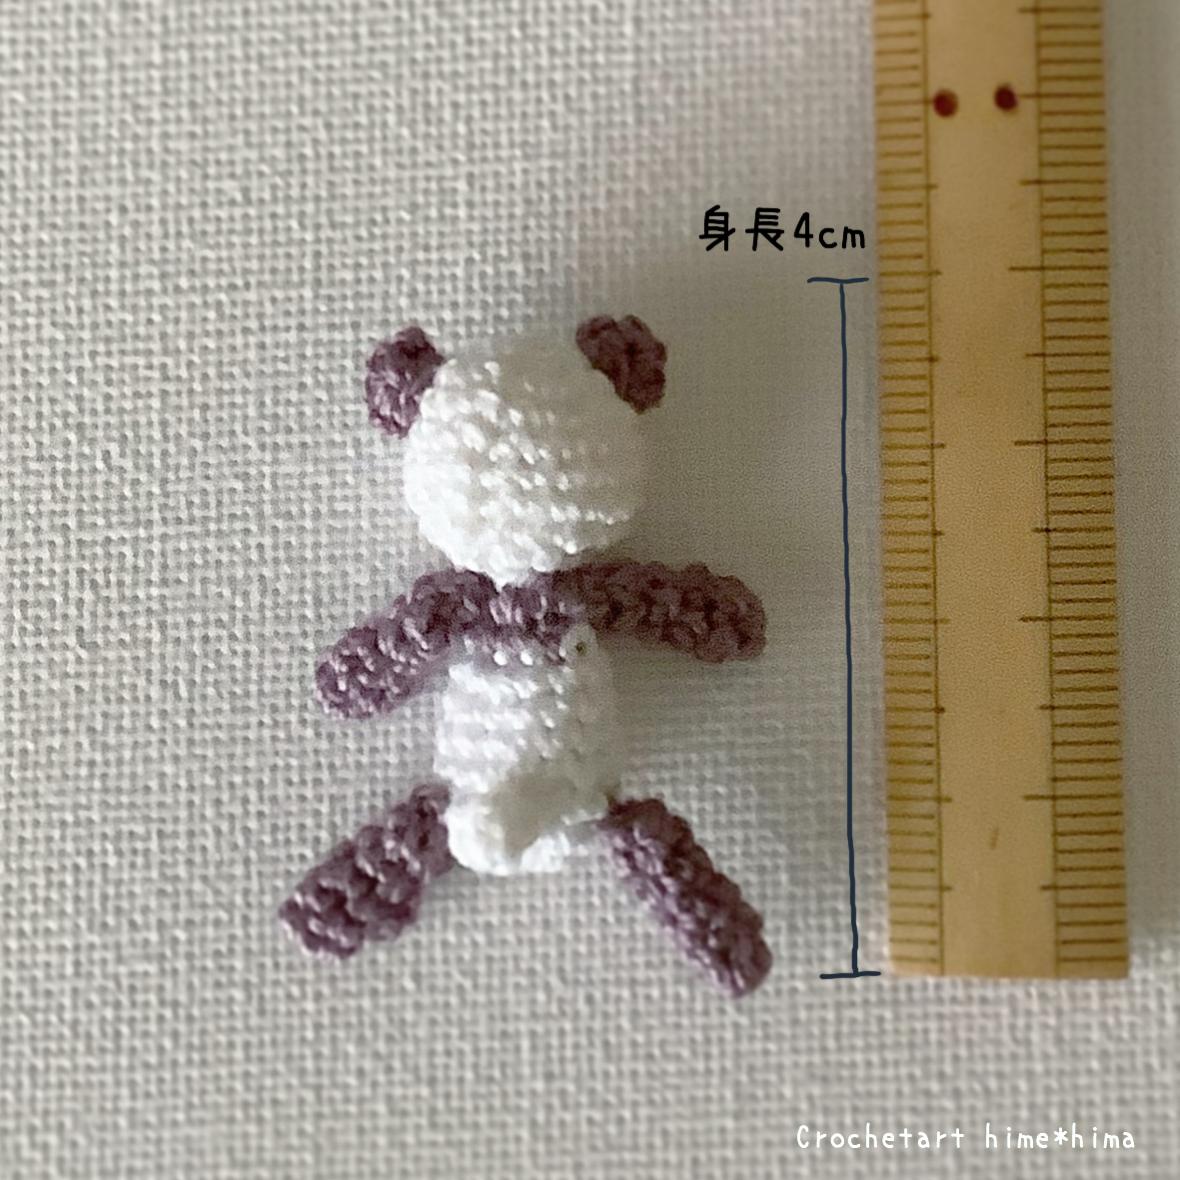 超ミニサイズのあみぐるみパンダの身長4cm